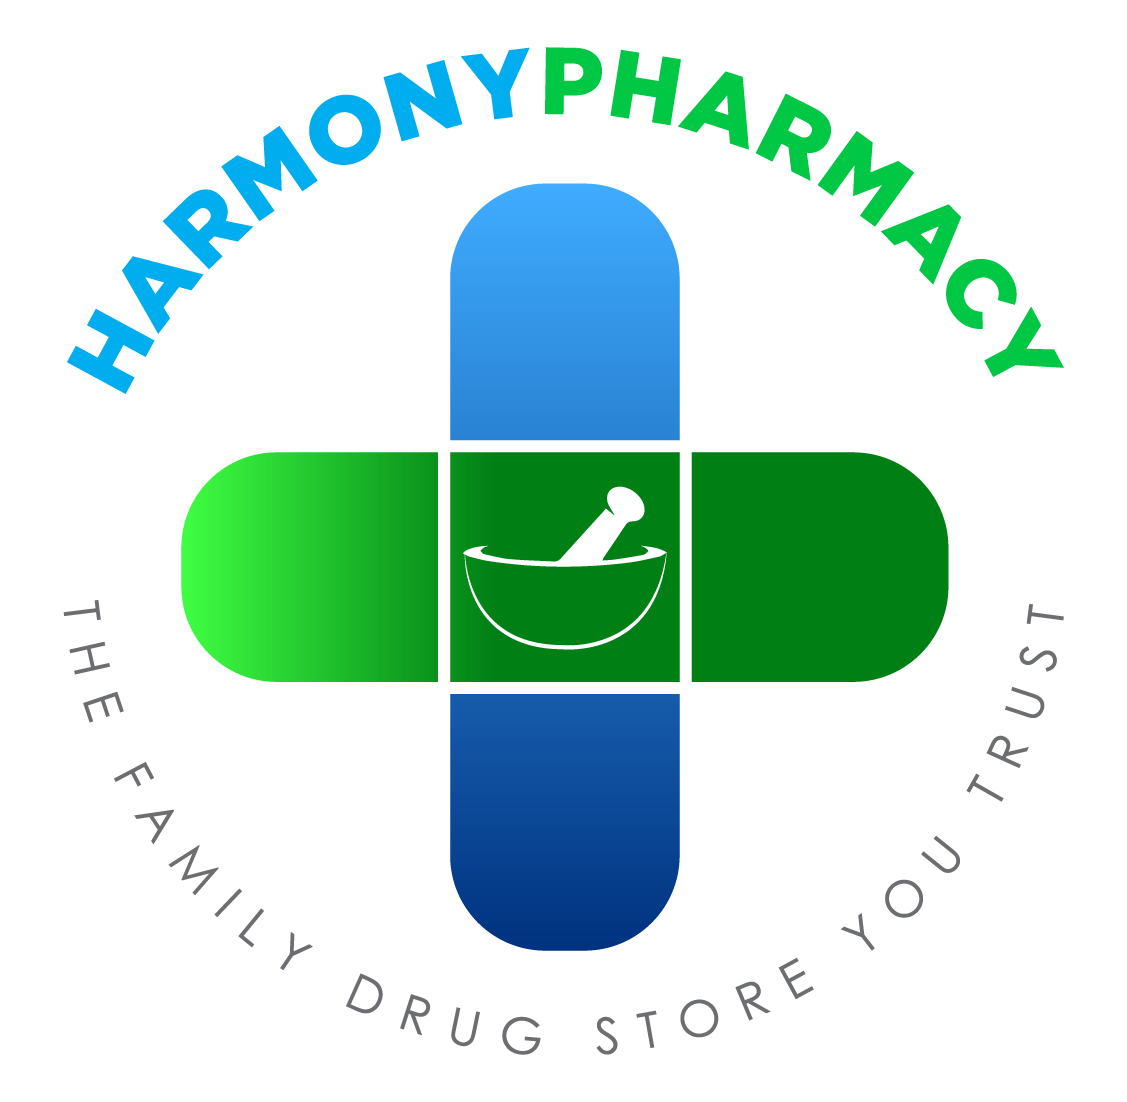 New - Harmony Pharmacy